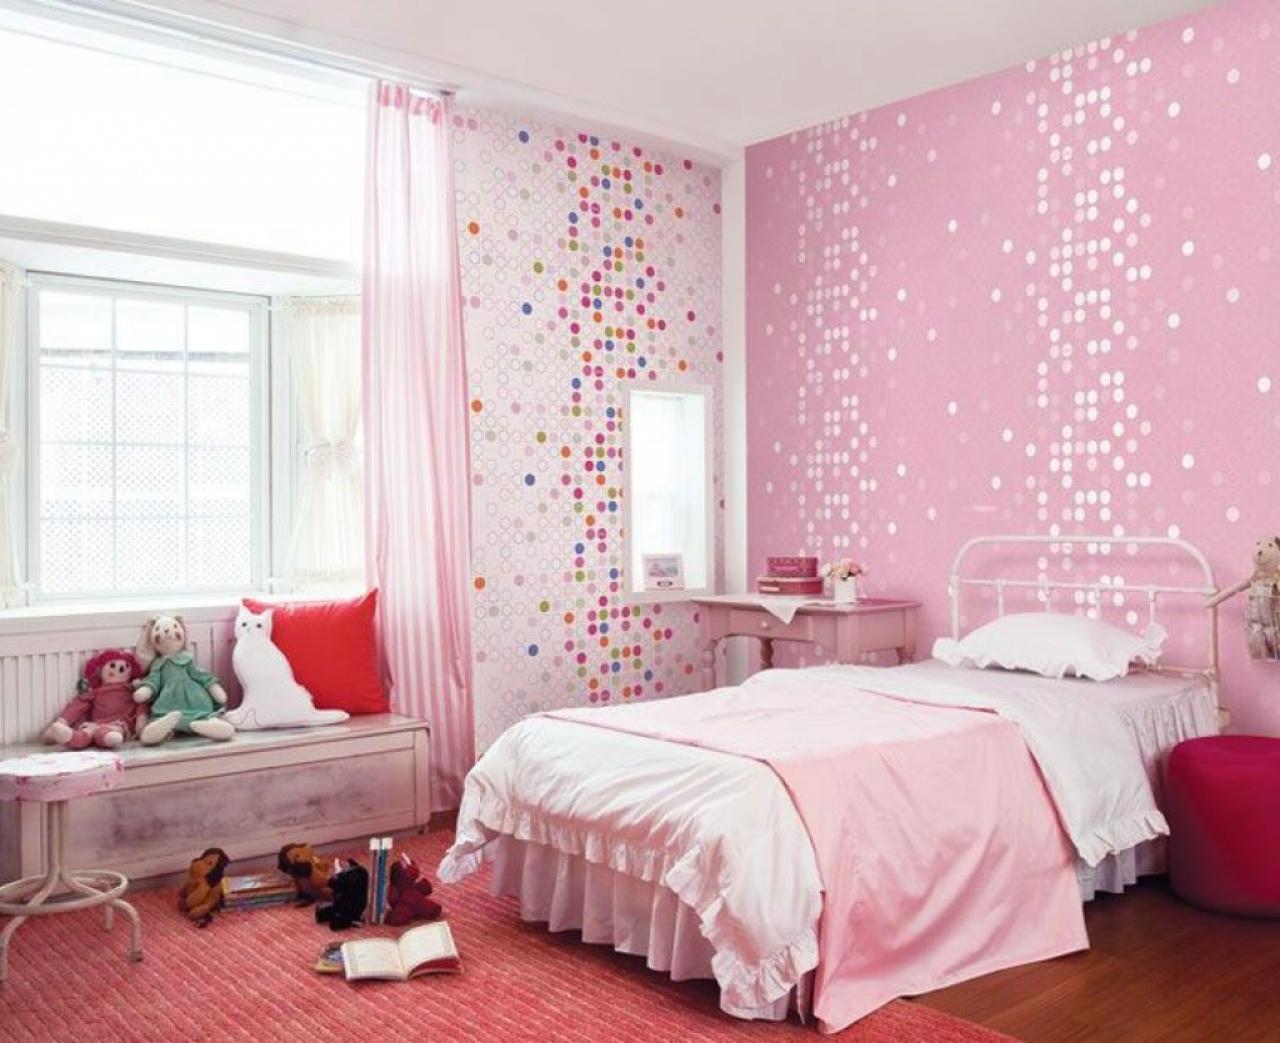 bedroom home design Kids room cute pink dotty wallpaper girls bedroom 1280x1043